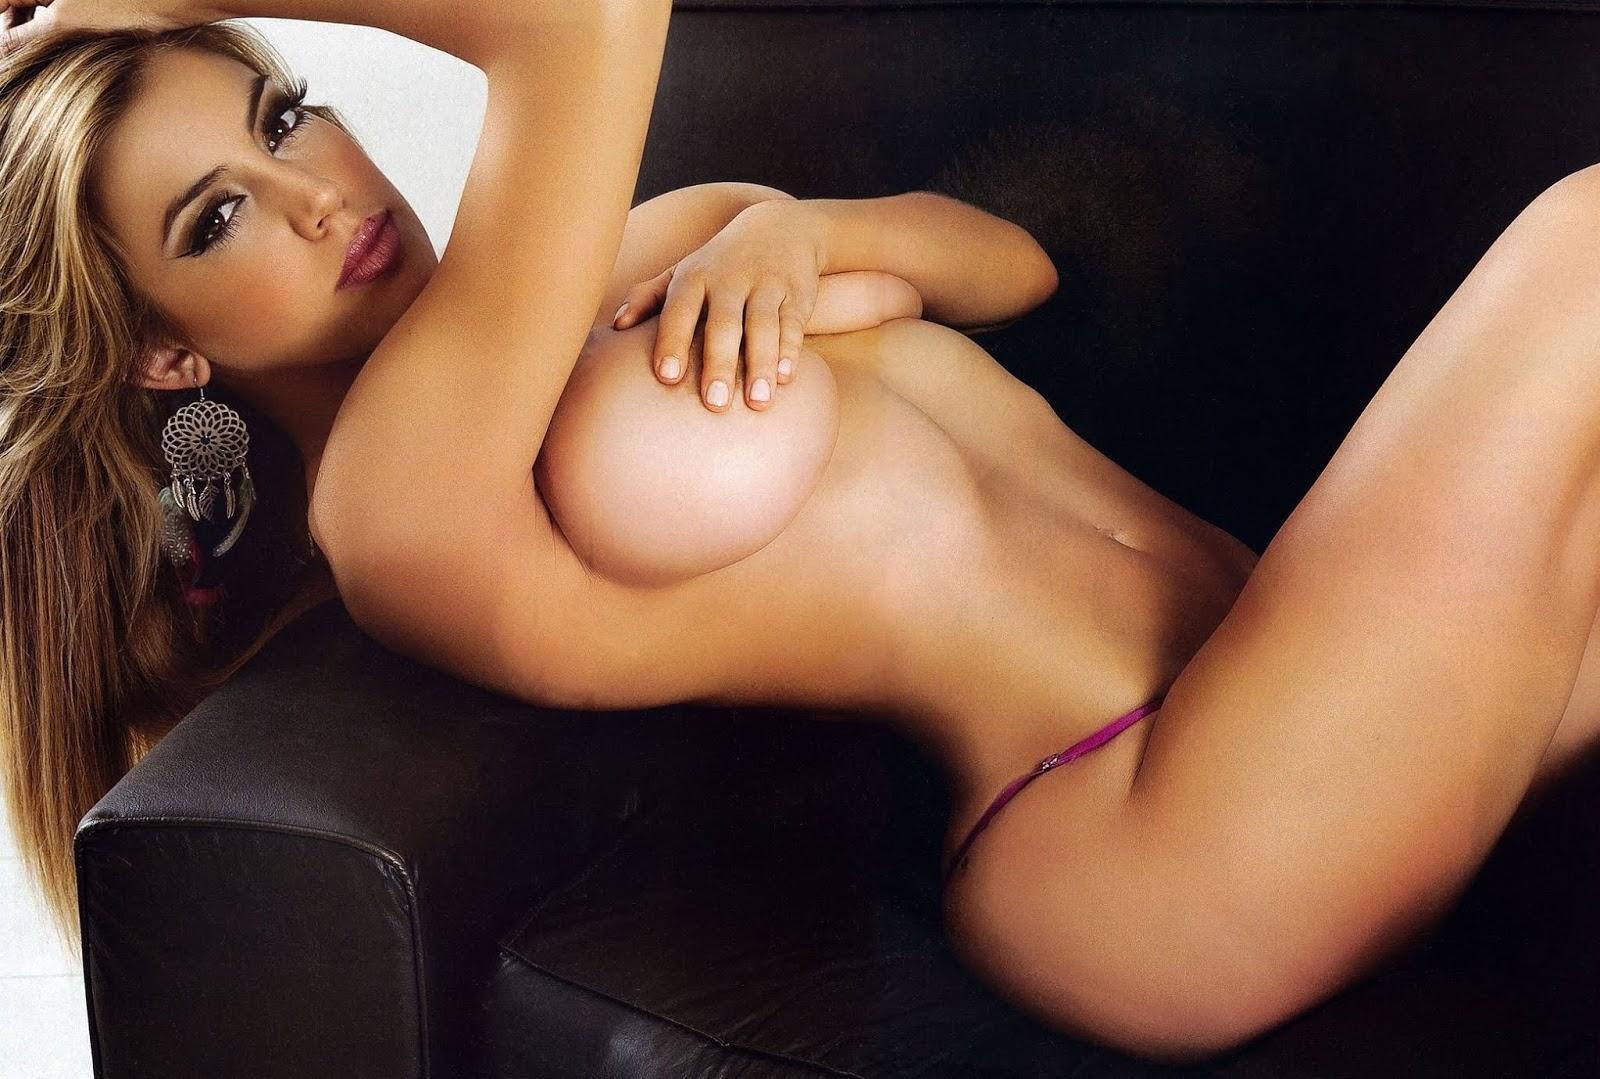 Amanda E Andressa Nuas virginia gallardo - argentinian actress - bod girls